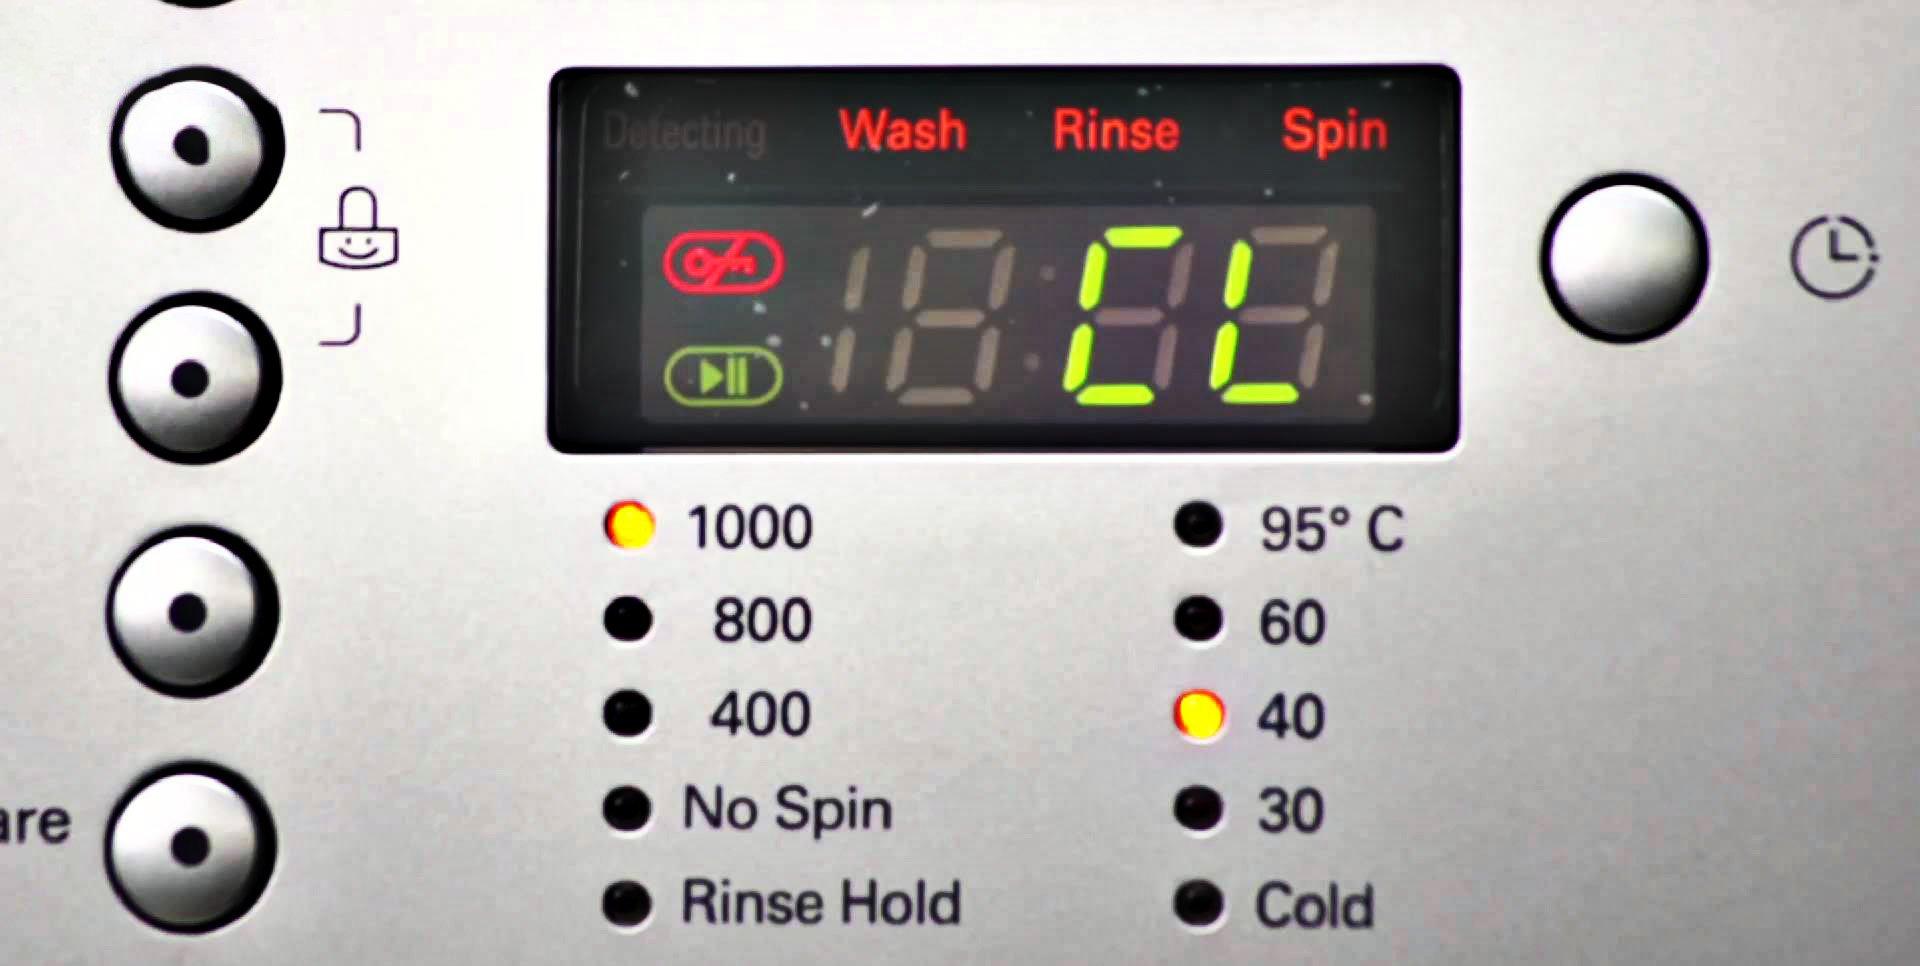 LG washer error code CL | Washer and dishwasher error codes